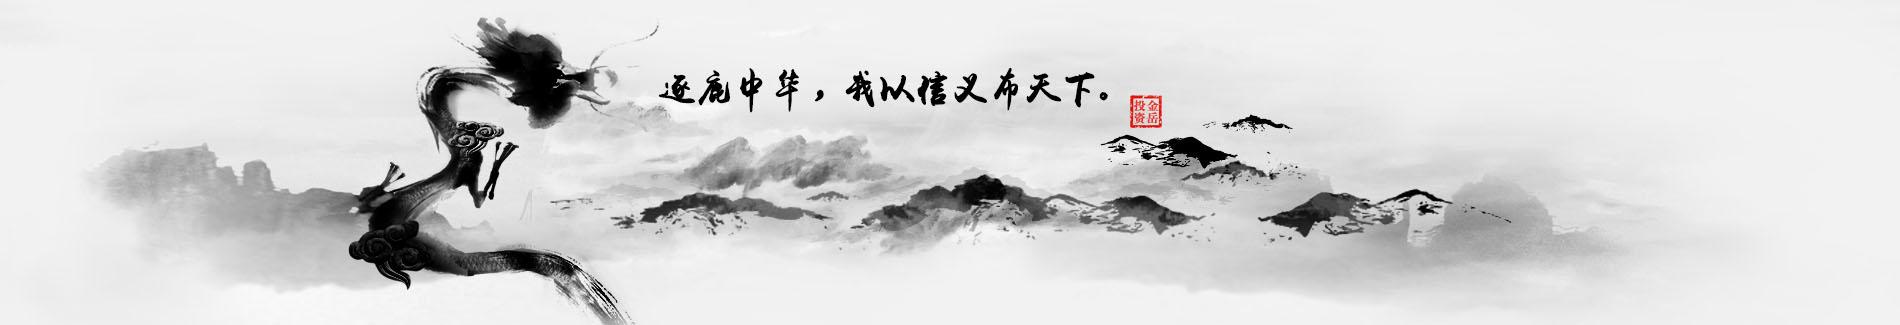 """24年百万亿江湖史:1年5家公司上市,市值超4000亿,如今成千上万快递员""""大逃亡"""""""